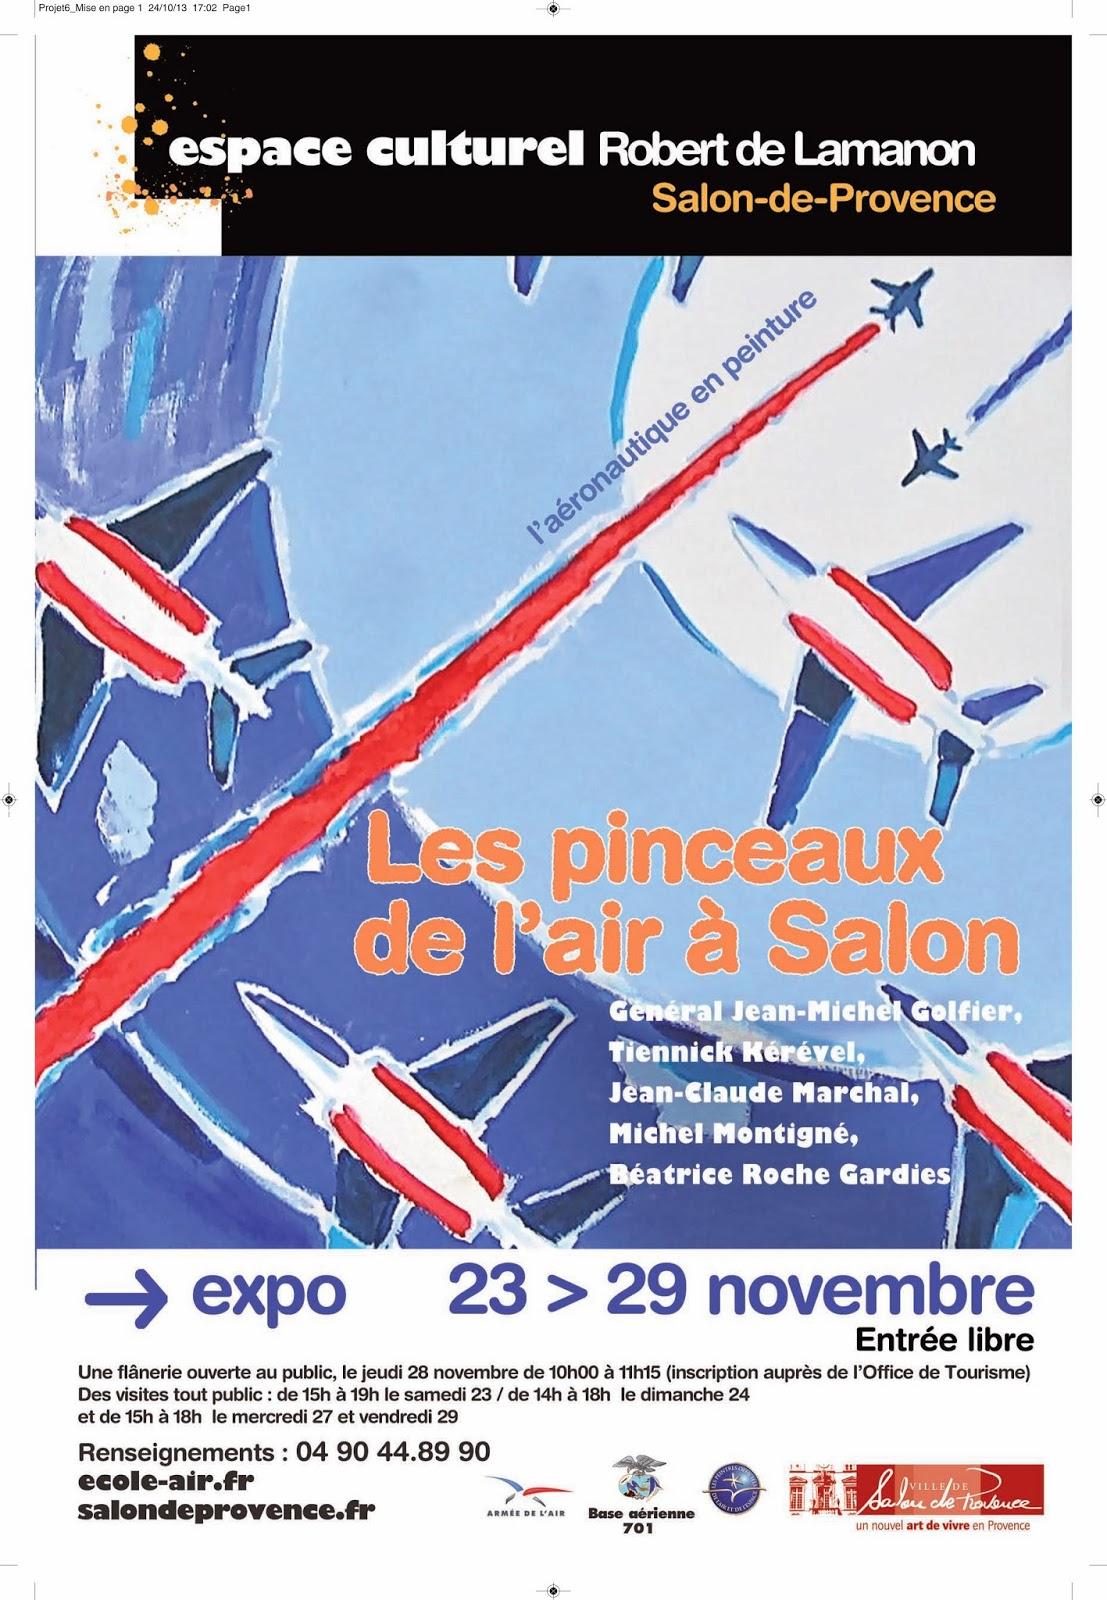 Les peintres de l 39 air - Ecole de l air de salon de provence ...